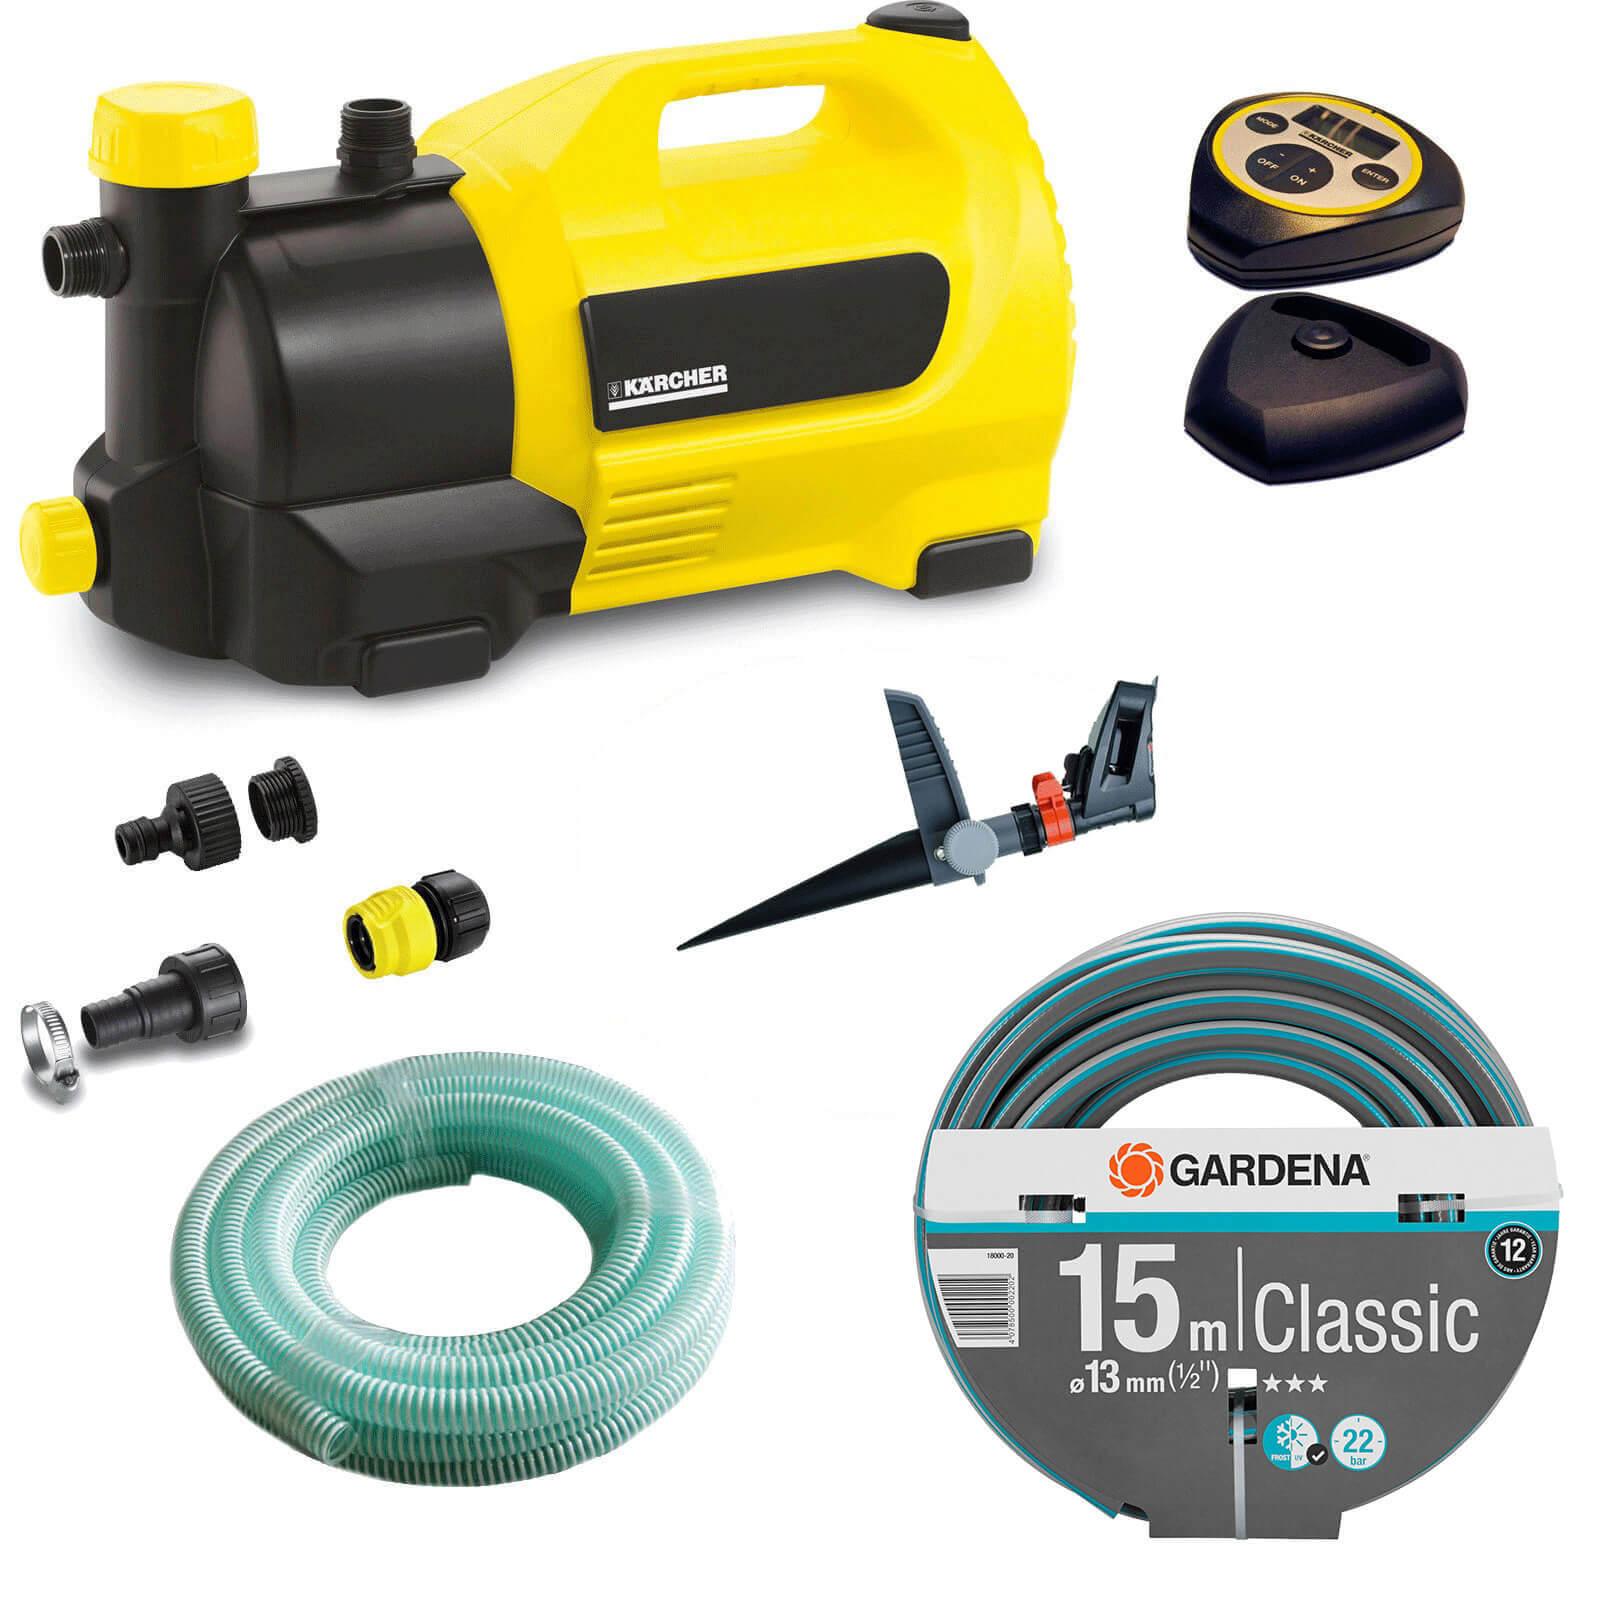 Karcher GP 50 MC Surface Water Pump with Garden Hose & Pulsating Sprinkler Kit 240v